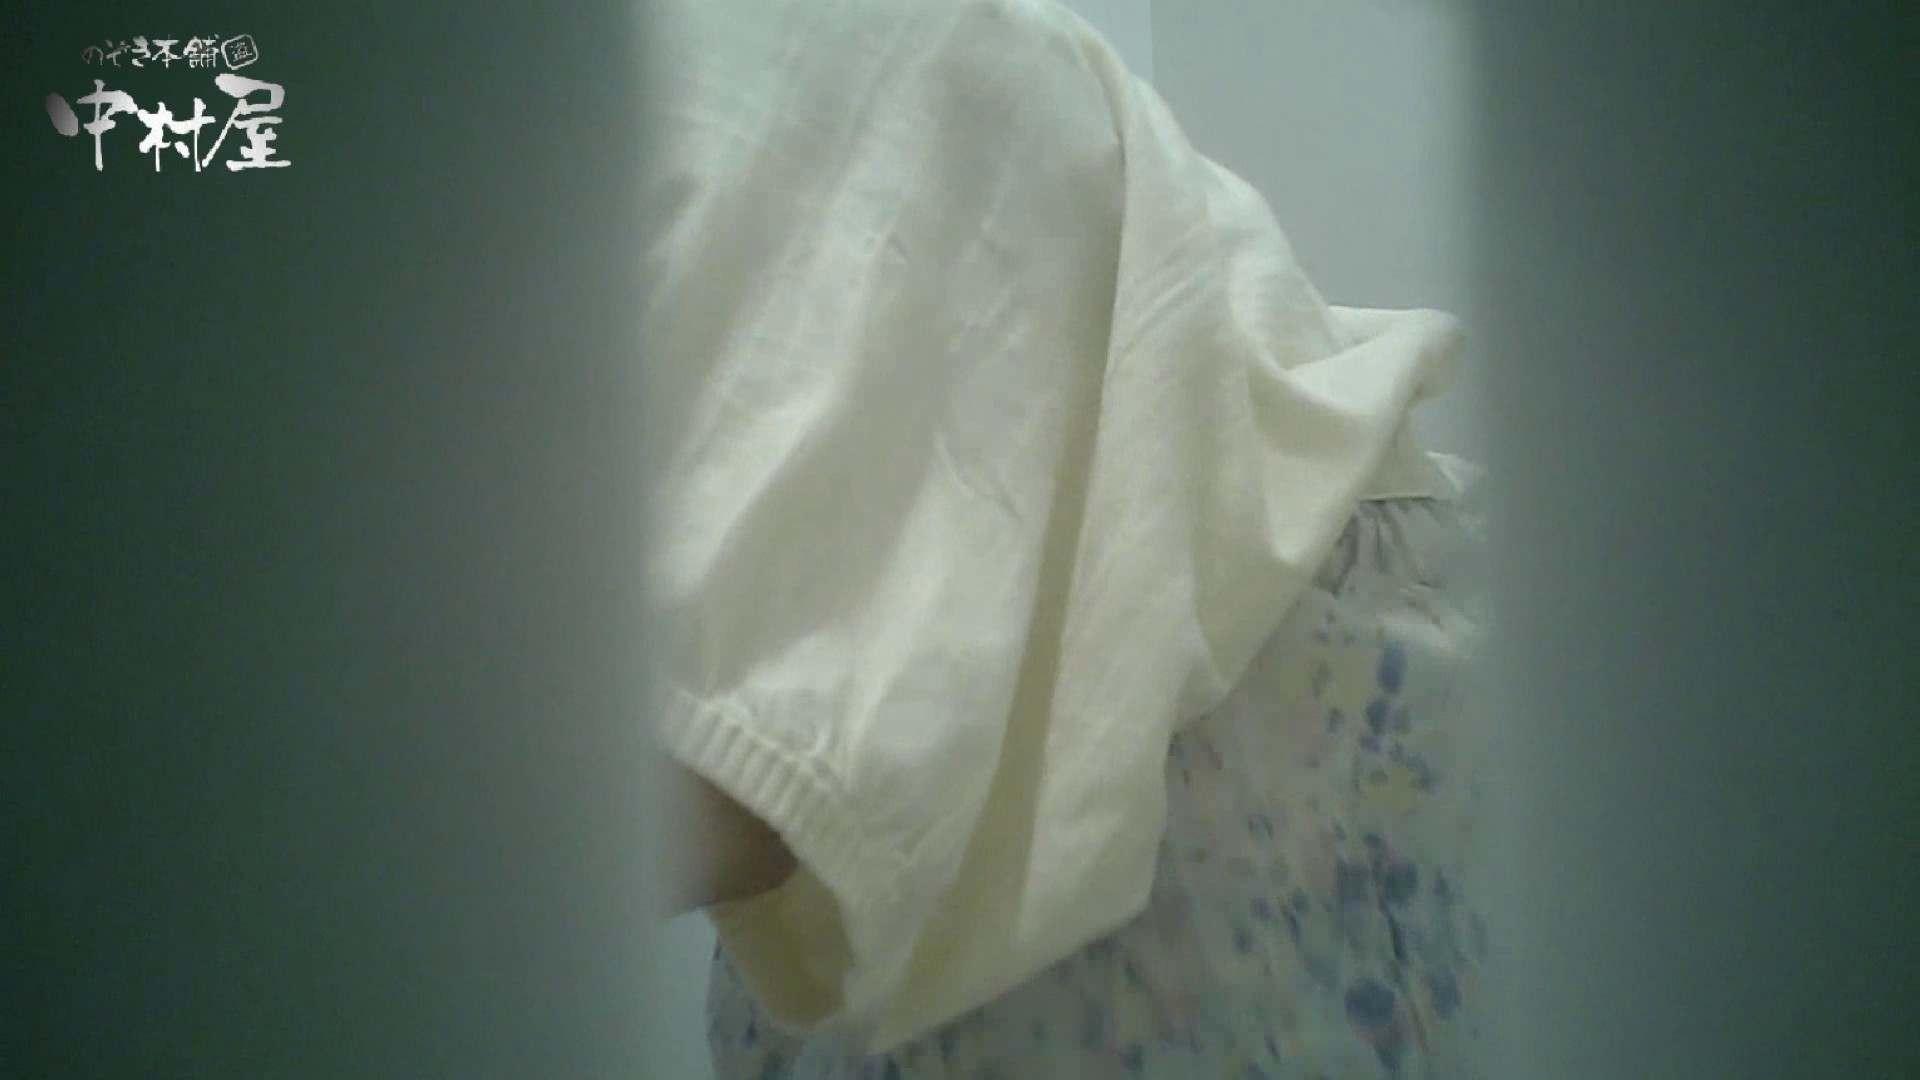 【某有名大学女性洗面所】有名大学女性洗面所 vol.40 ??おまじない的な動きをする子がいます。 和式トイレ  91pic 55